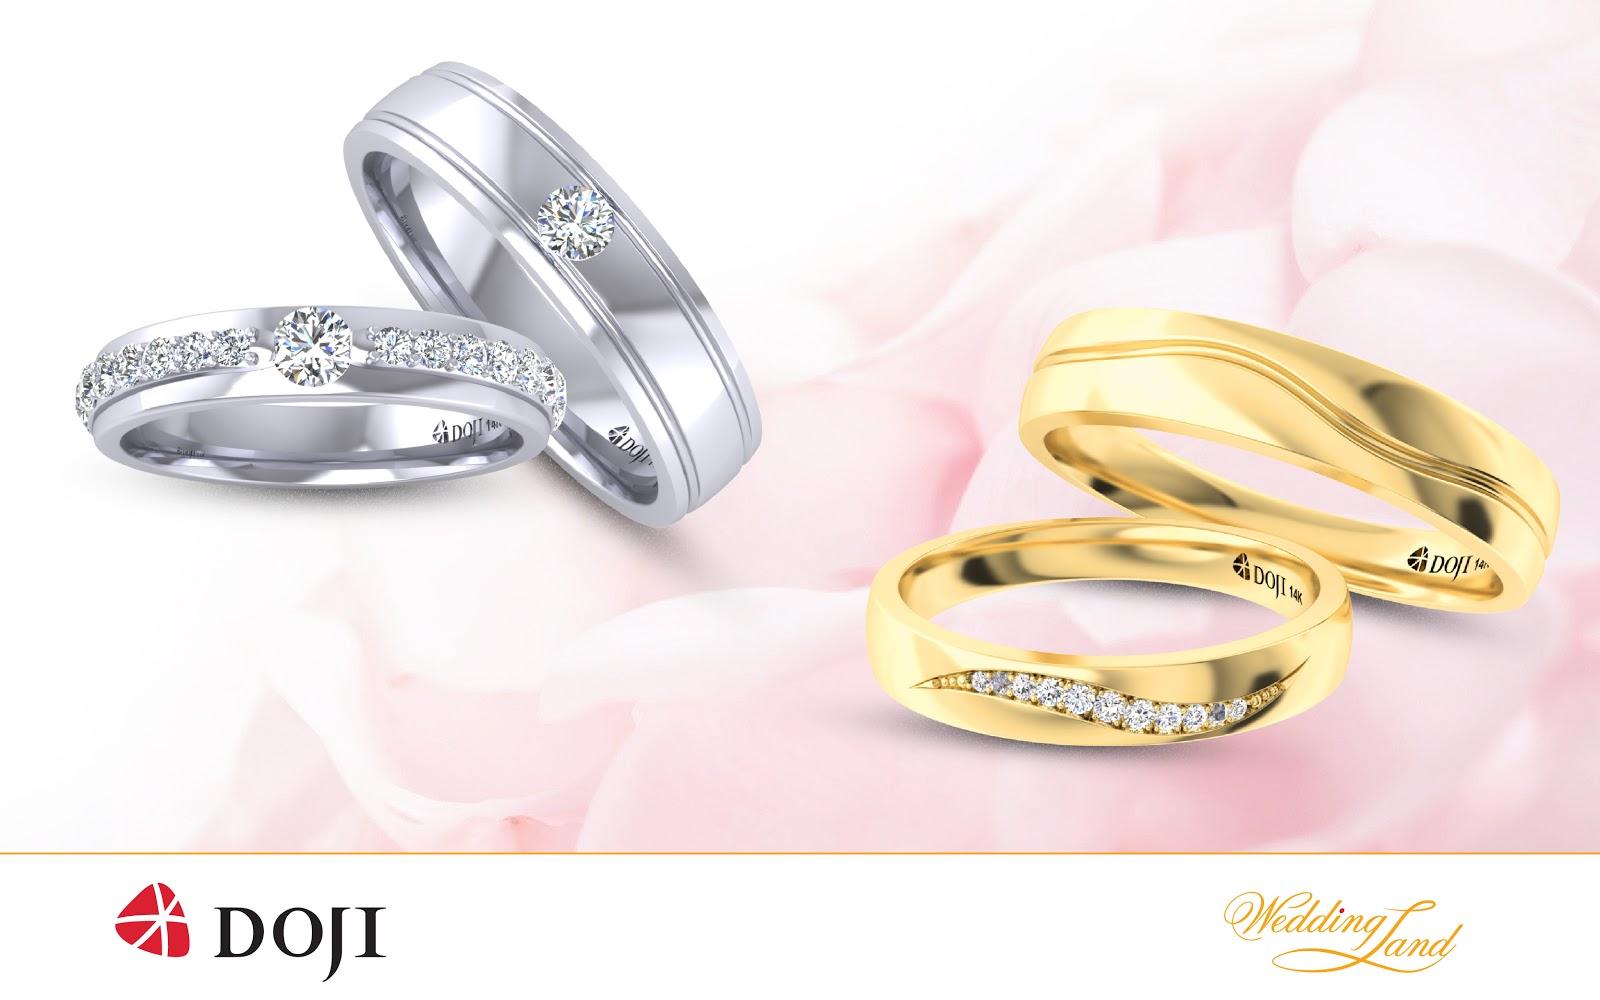 Nhẫn cưới DOJI, giảm giá sâu, trúng thưởng lớn - Ảnh 3.